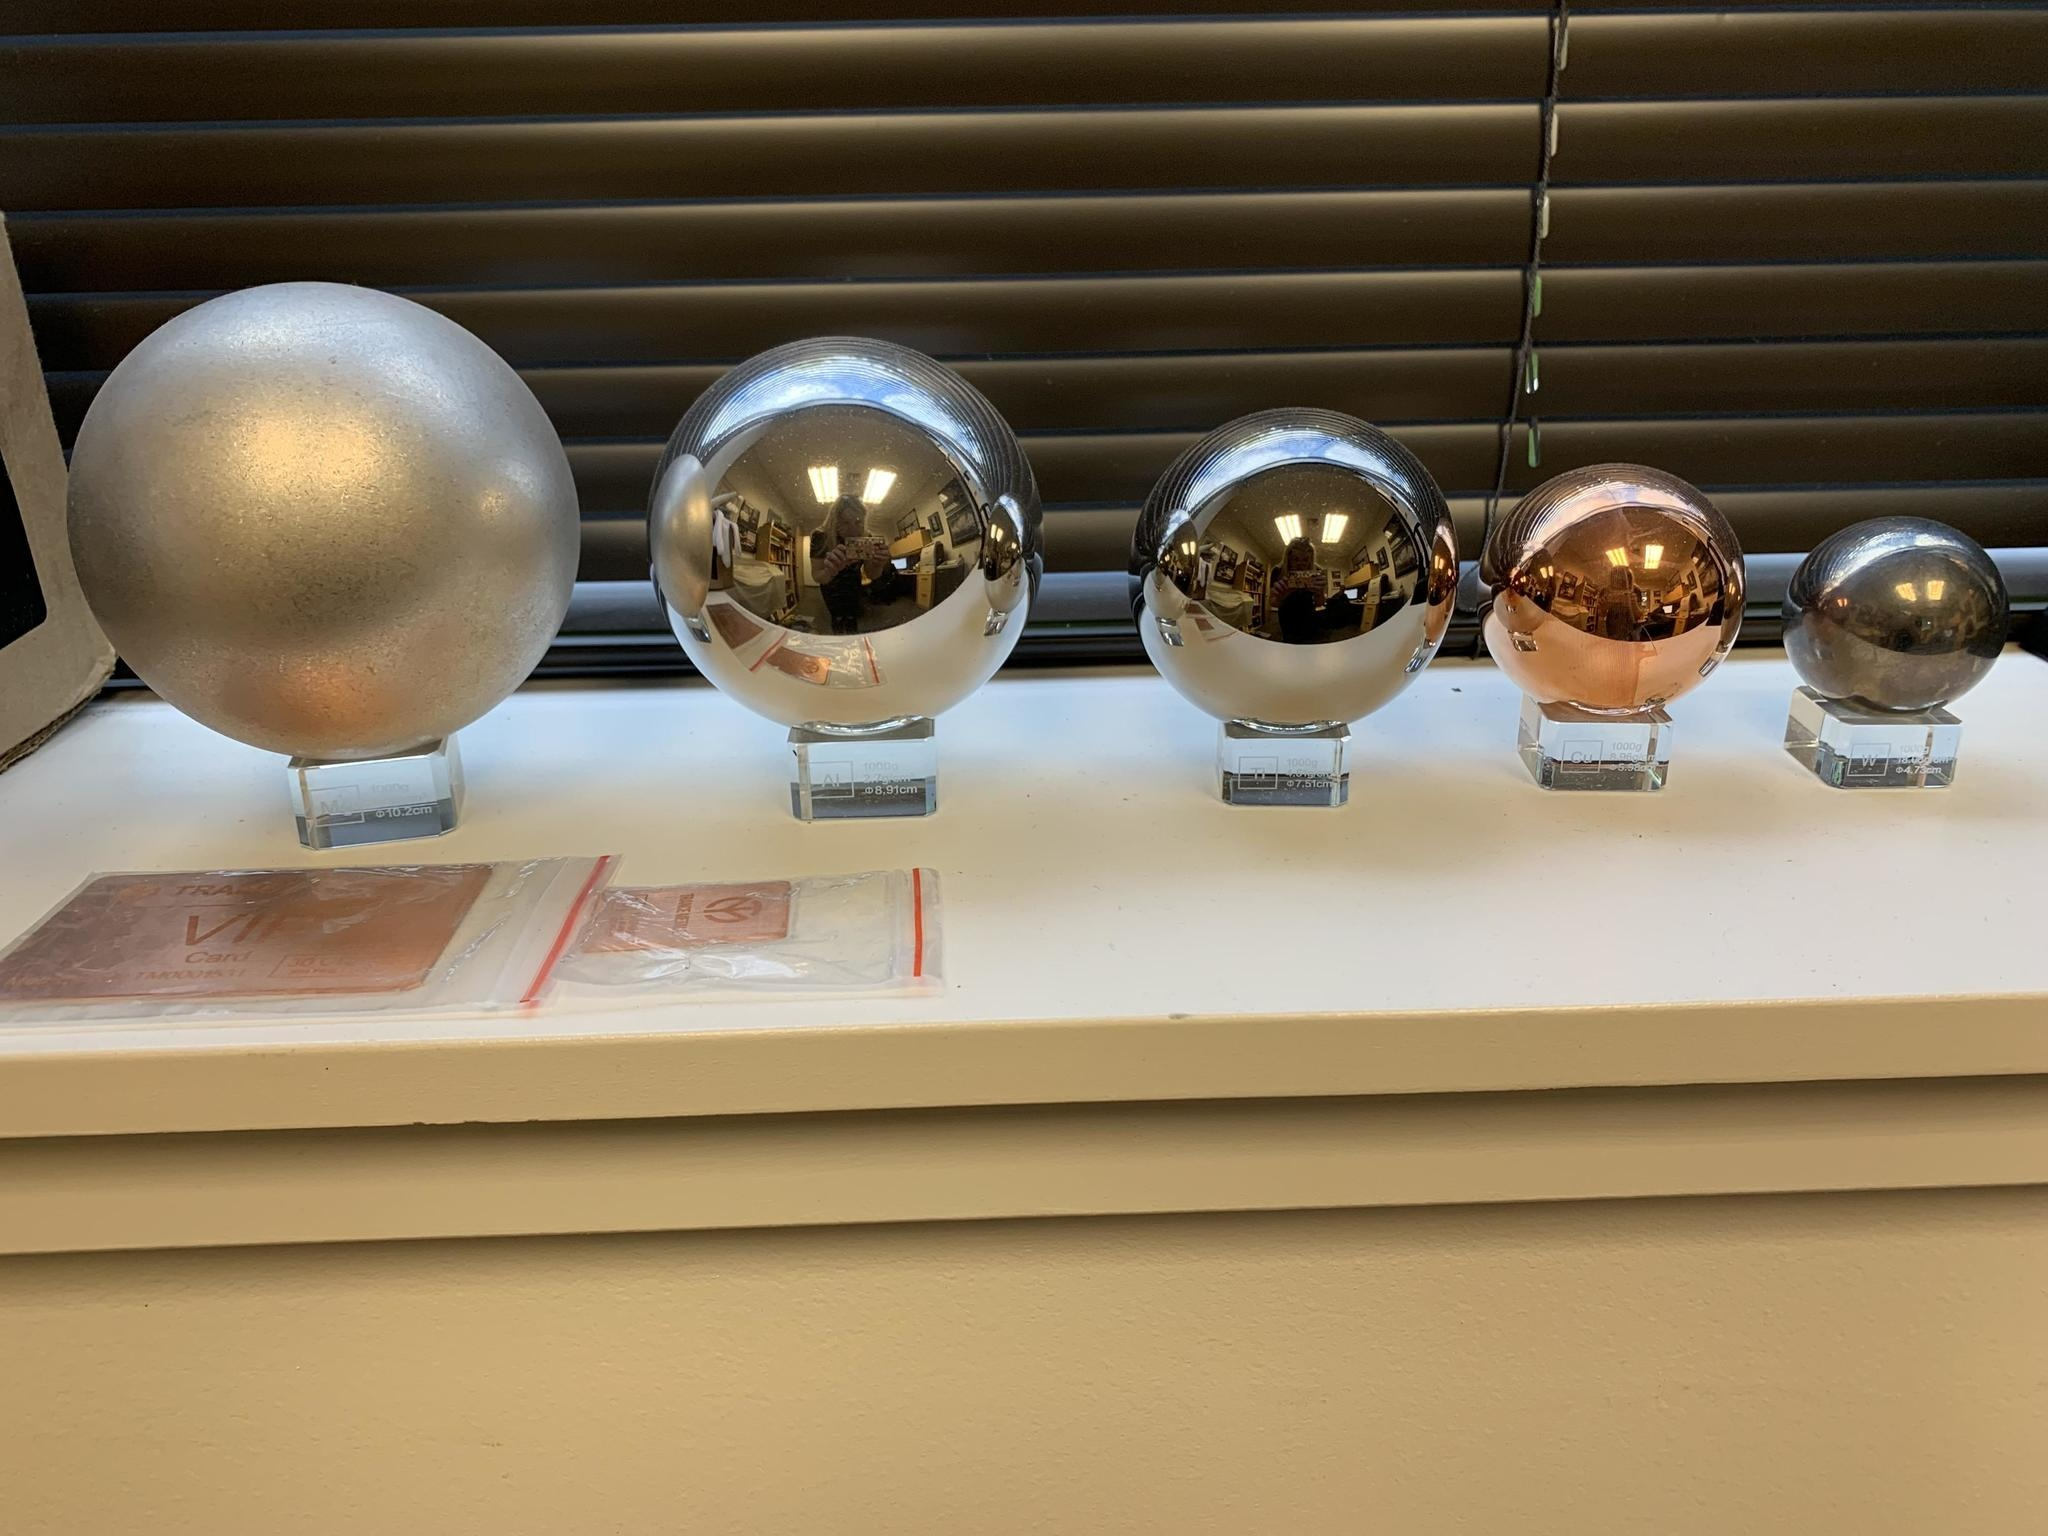 Каждый шар весит 1 кг. Слева направо: магний, алюминий, титан, медь и вольфрам